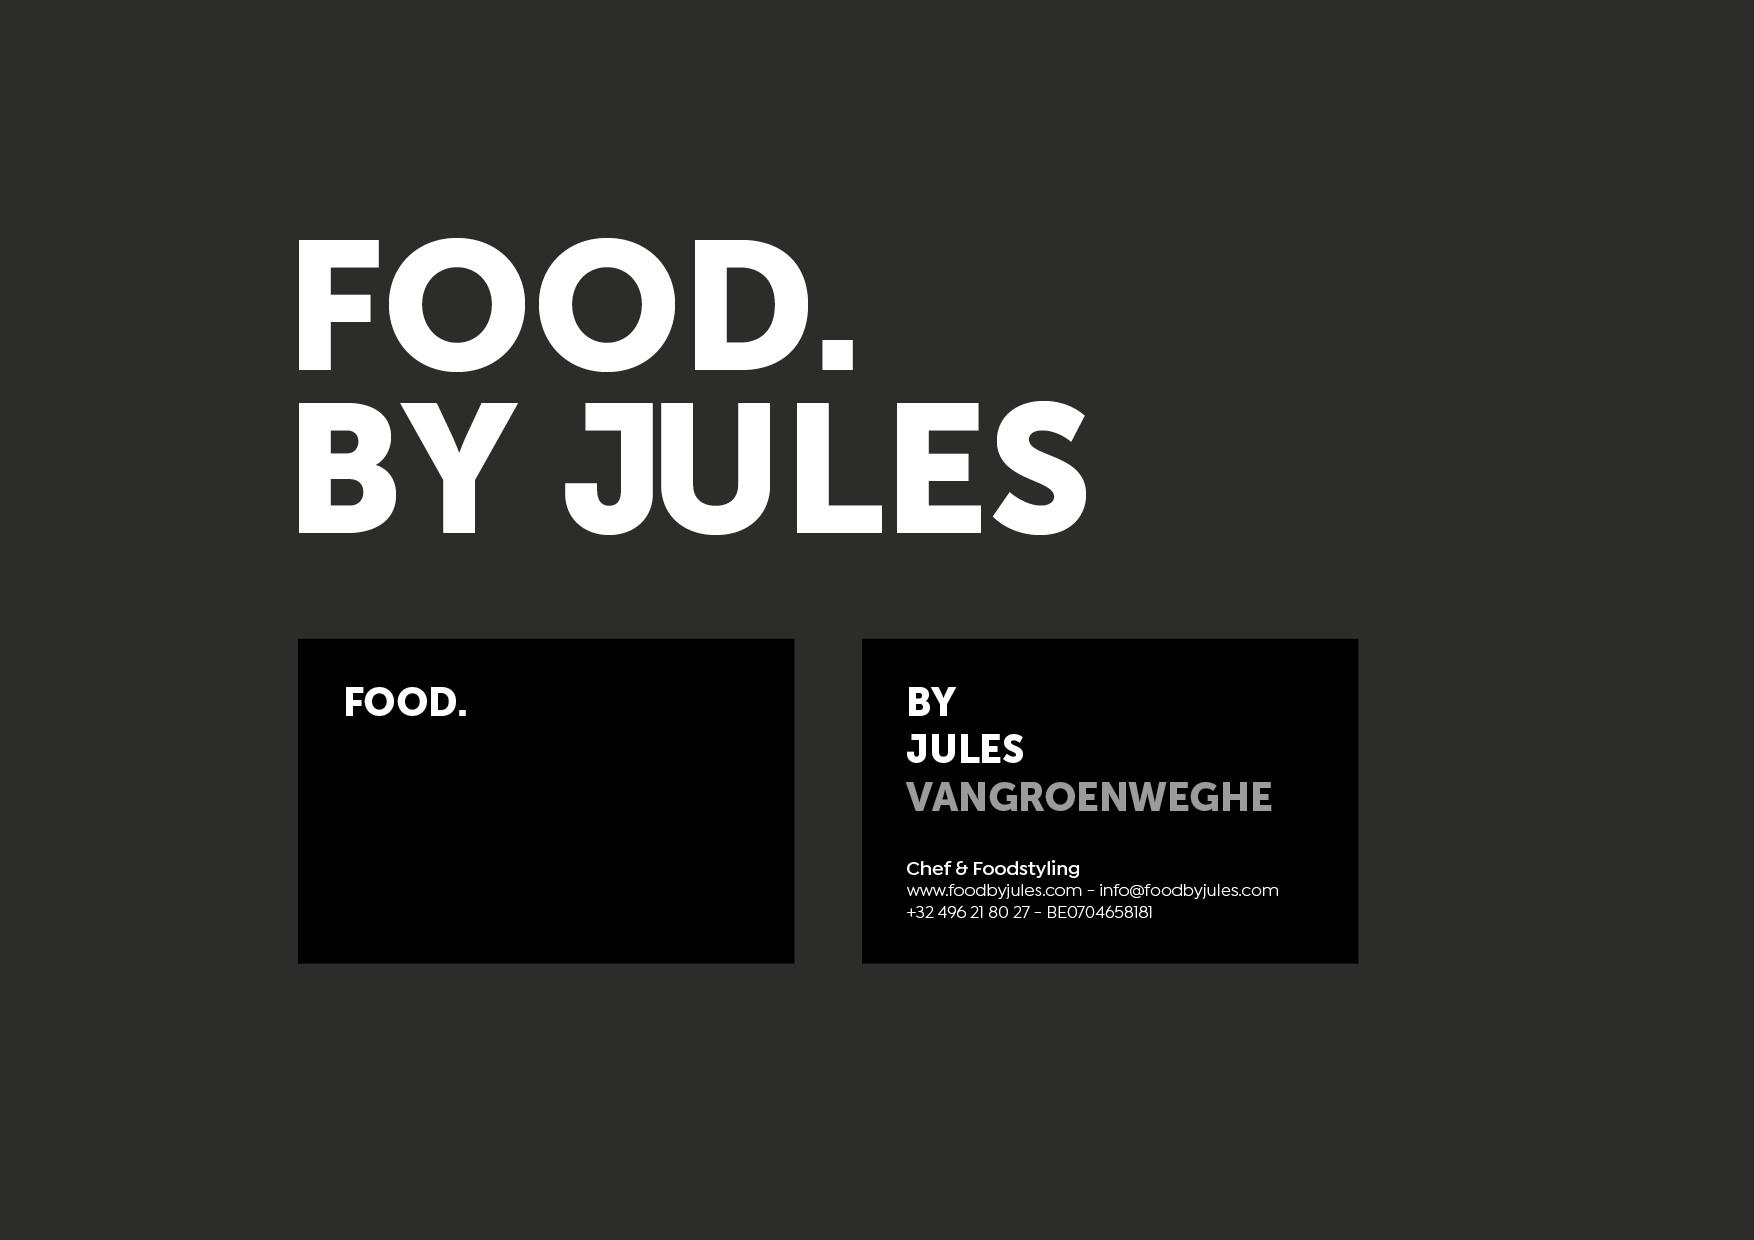 FOOD. BY JULES